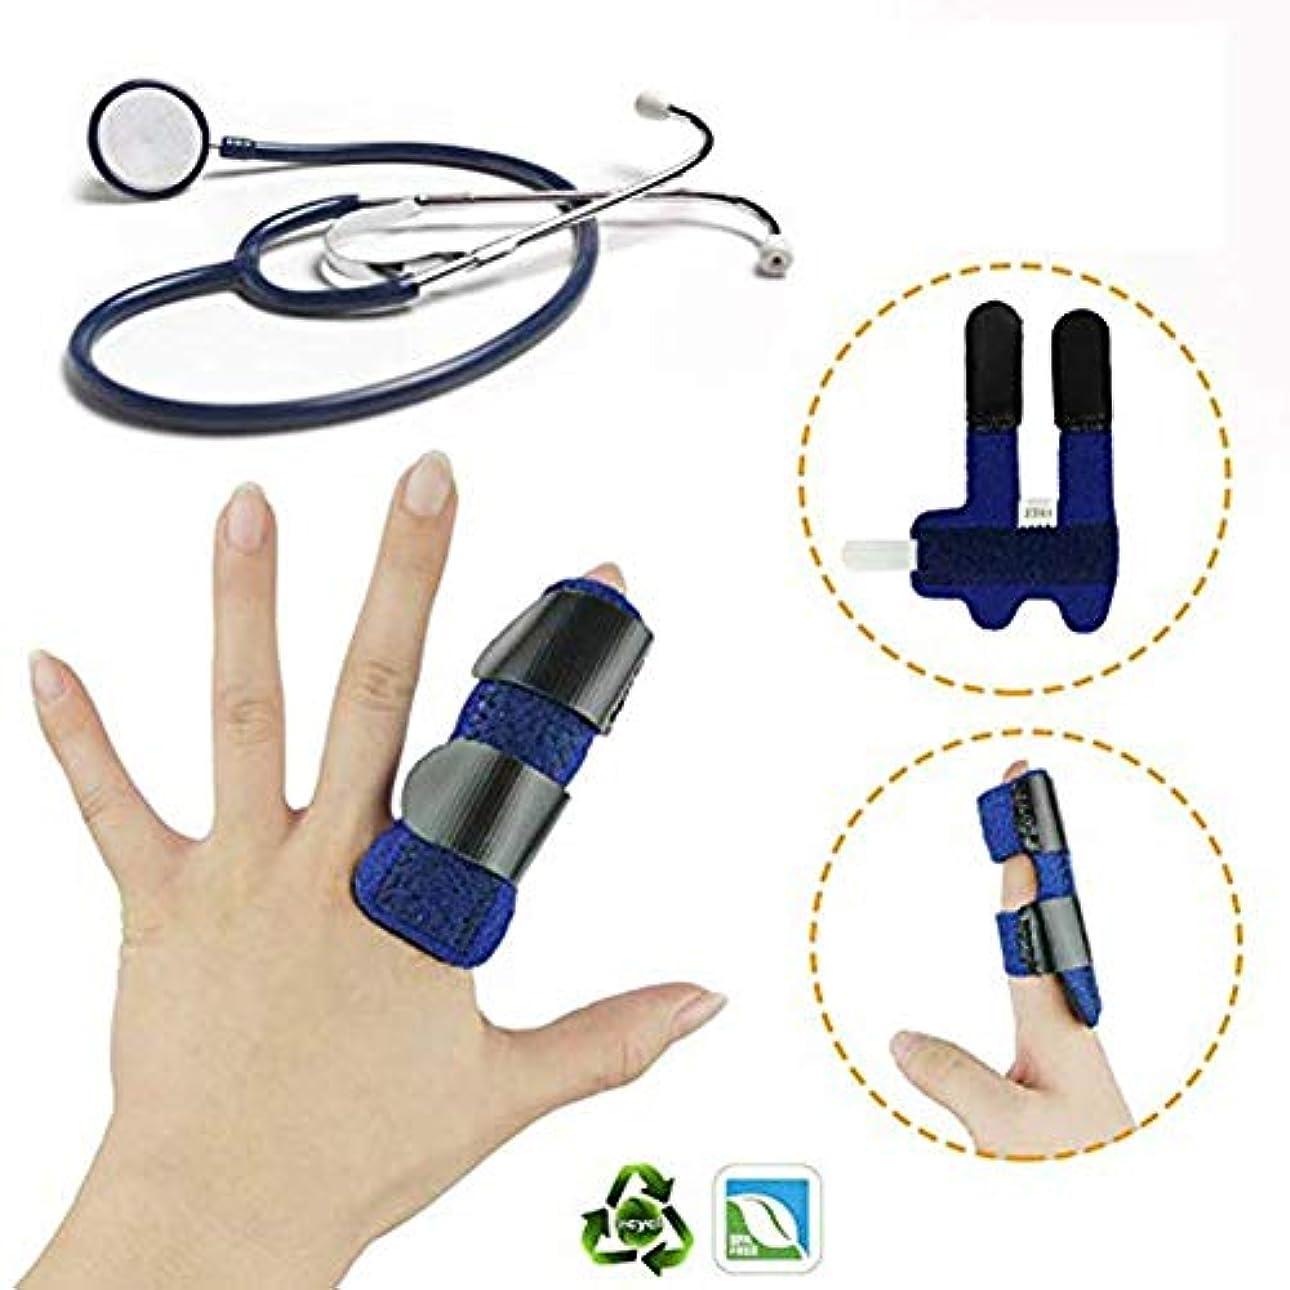 オレンジ順応性のあるブルーム内蔵アルミ関節痛、関節炎のために調整可能なスプリント、ばね指、マレットスプリント、サポートブレース、イモビライザーを、指、任意の指にフィット。